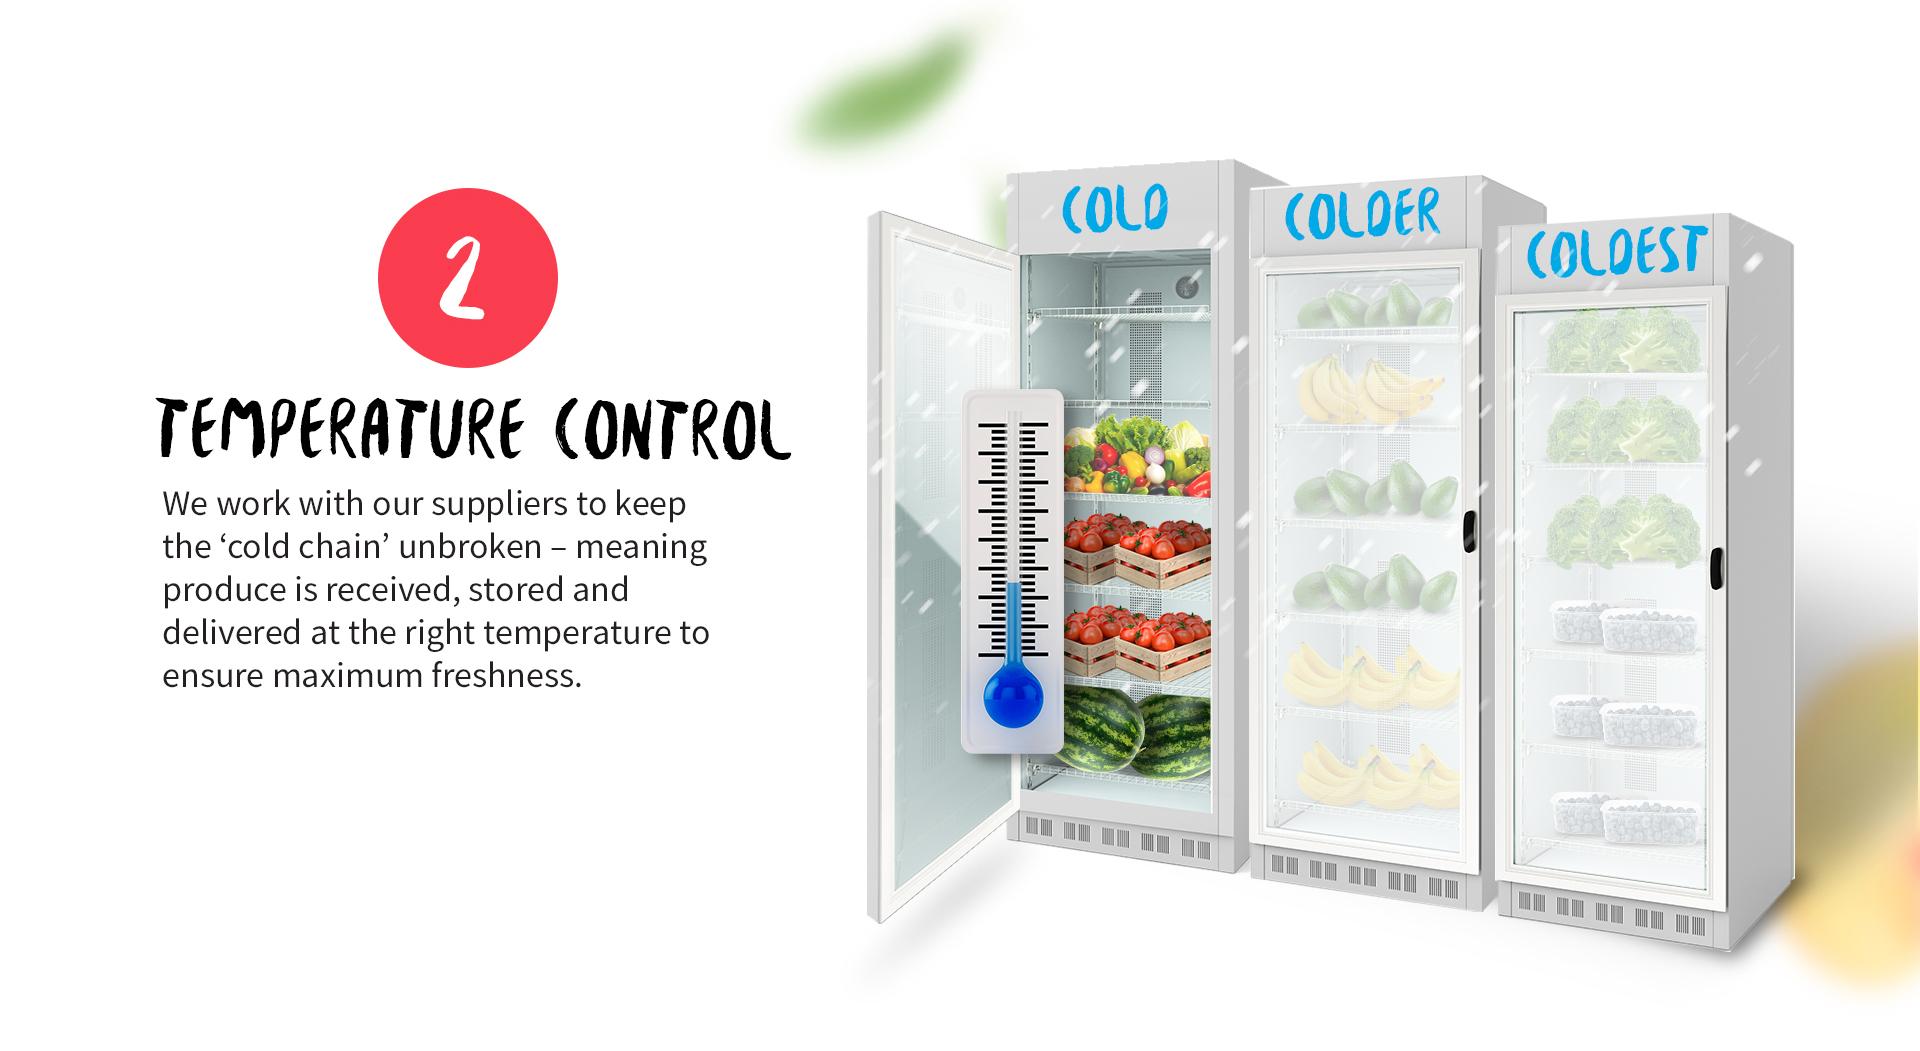 02_temperaturecontrol.jpg